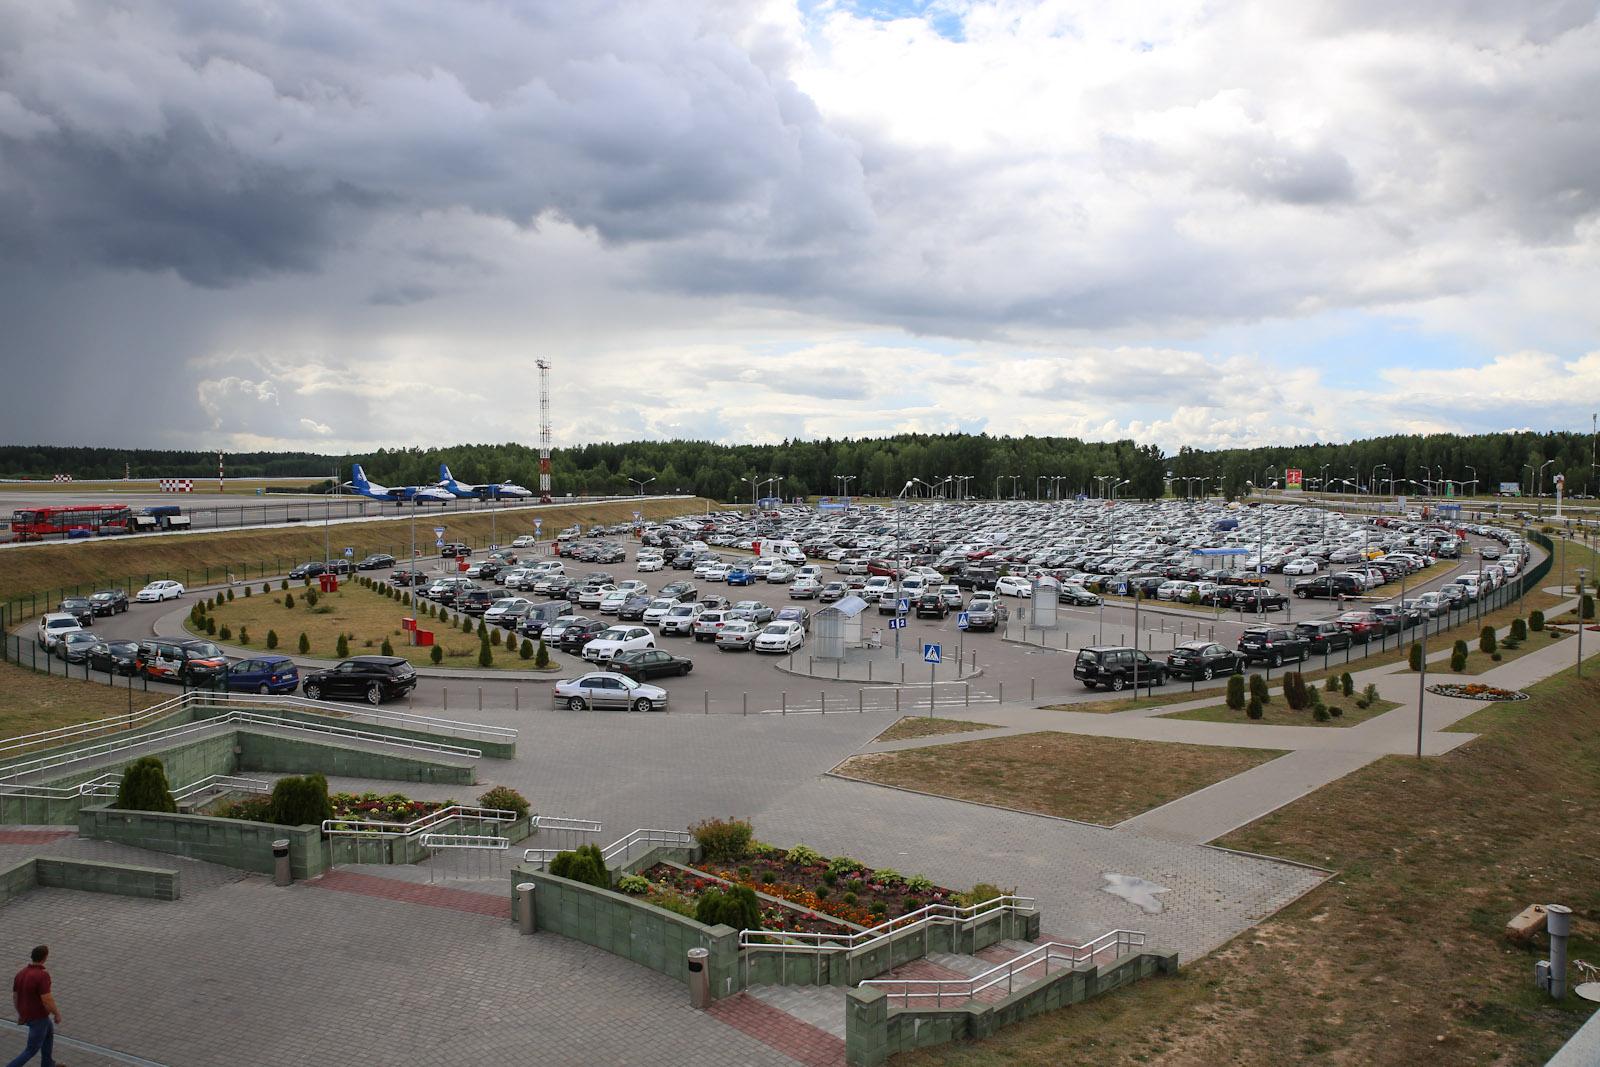 Автомобильная парковка в аэропорту Минска